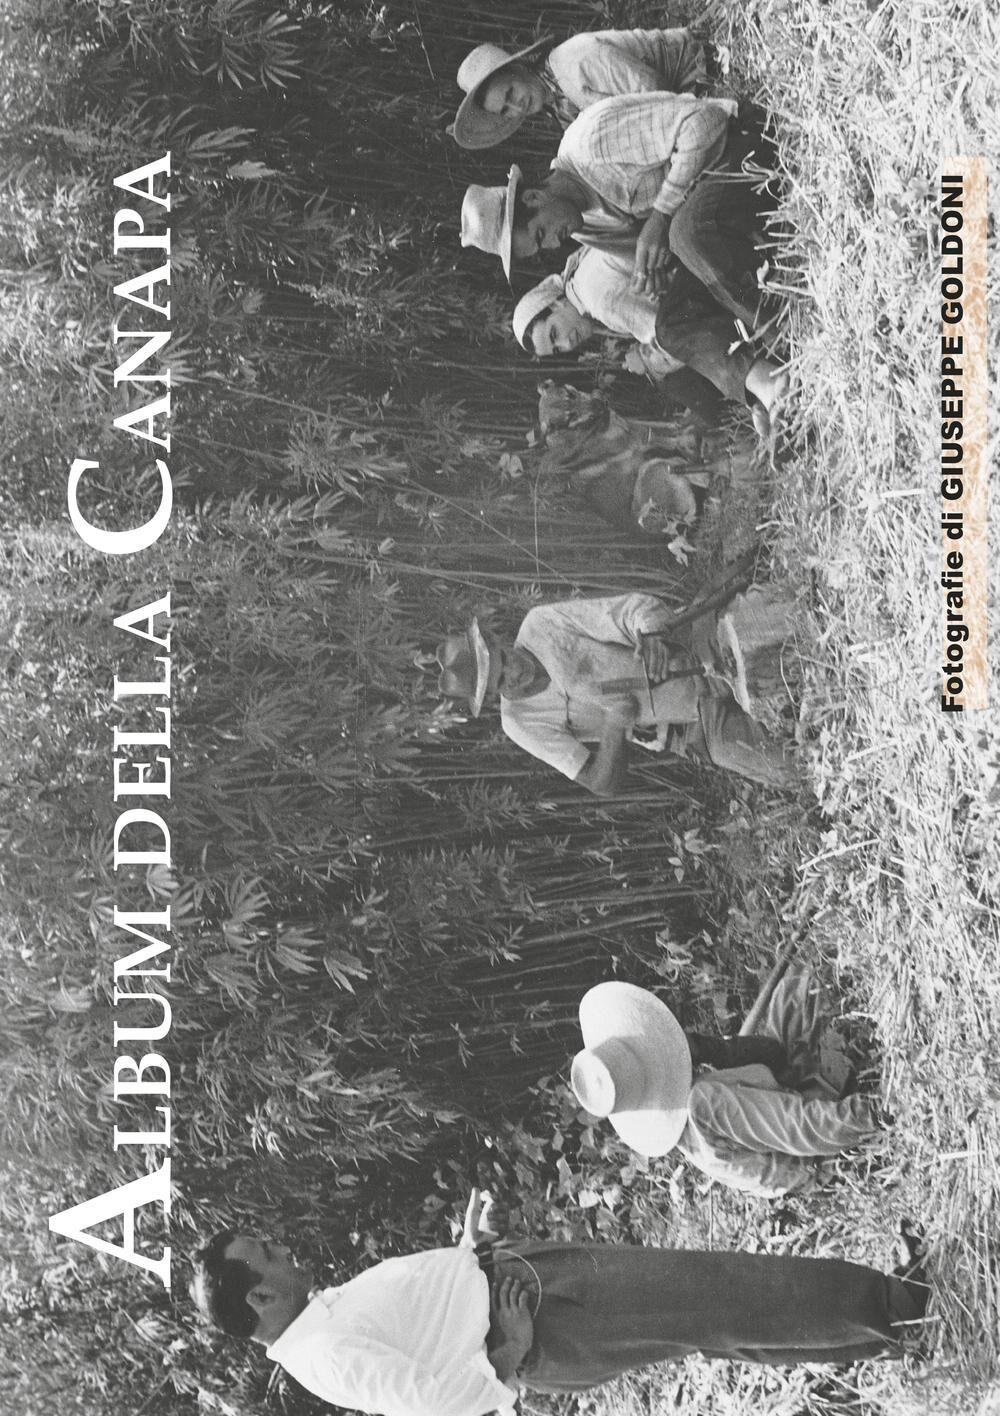 Album della canapa. Eccezionale servizio fotografico, realizzato nel 1950 circa, dedicato alla coltivazione della canapa